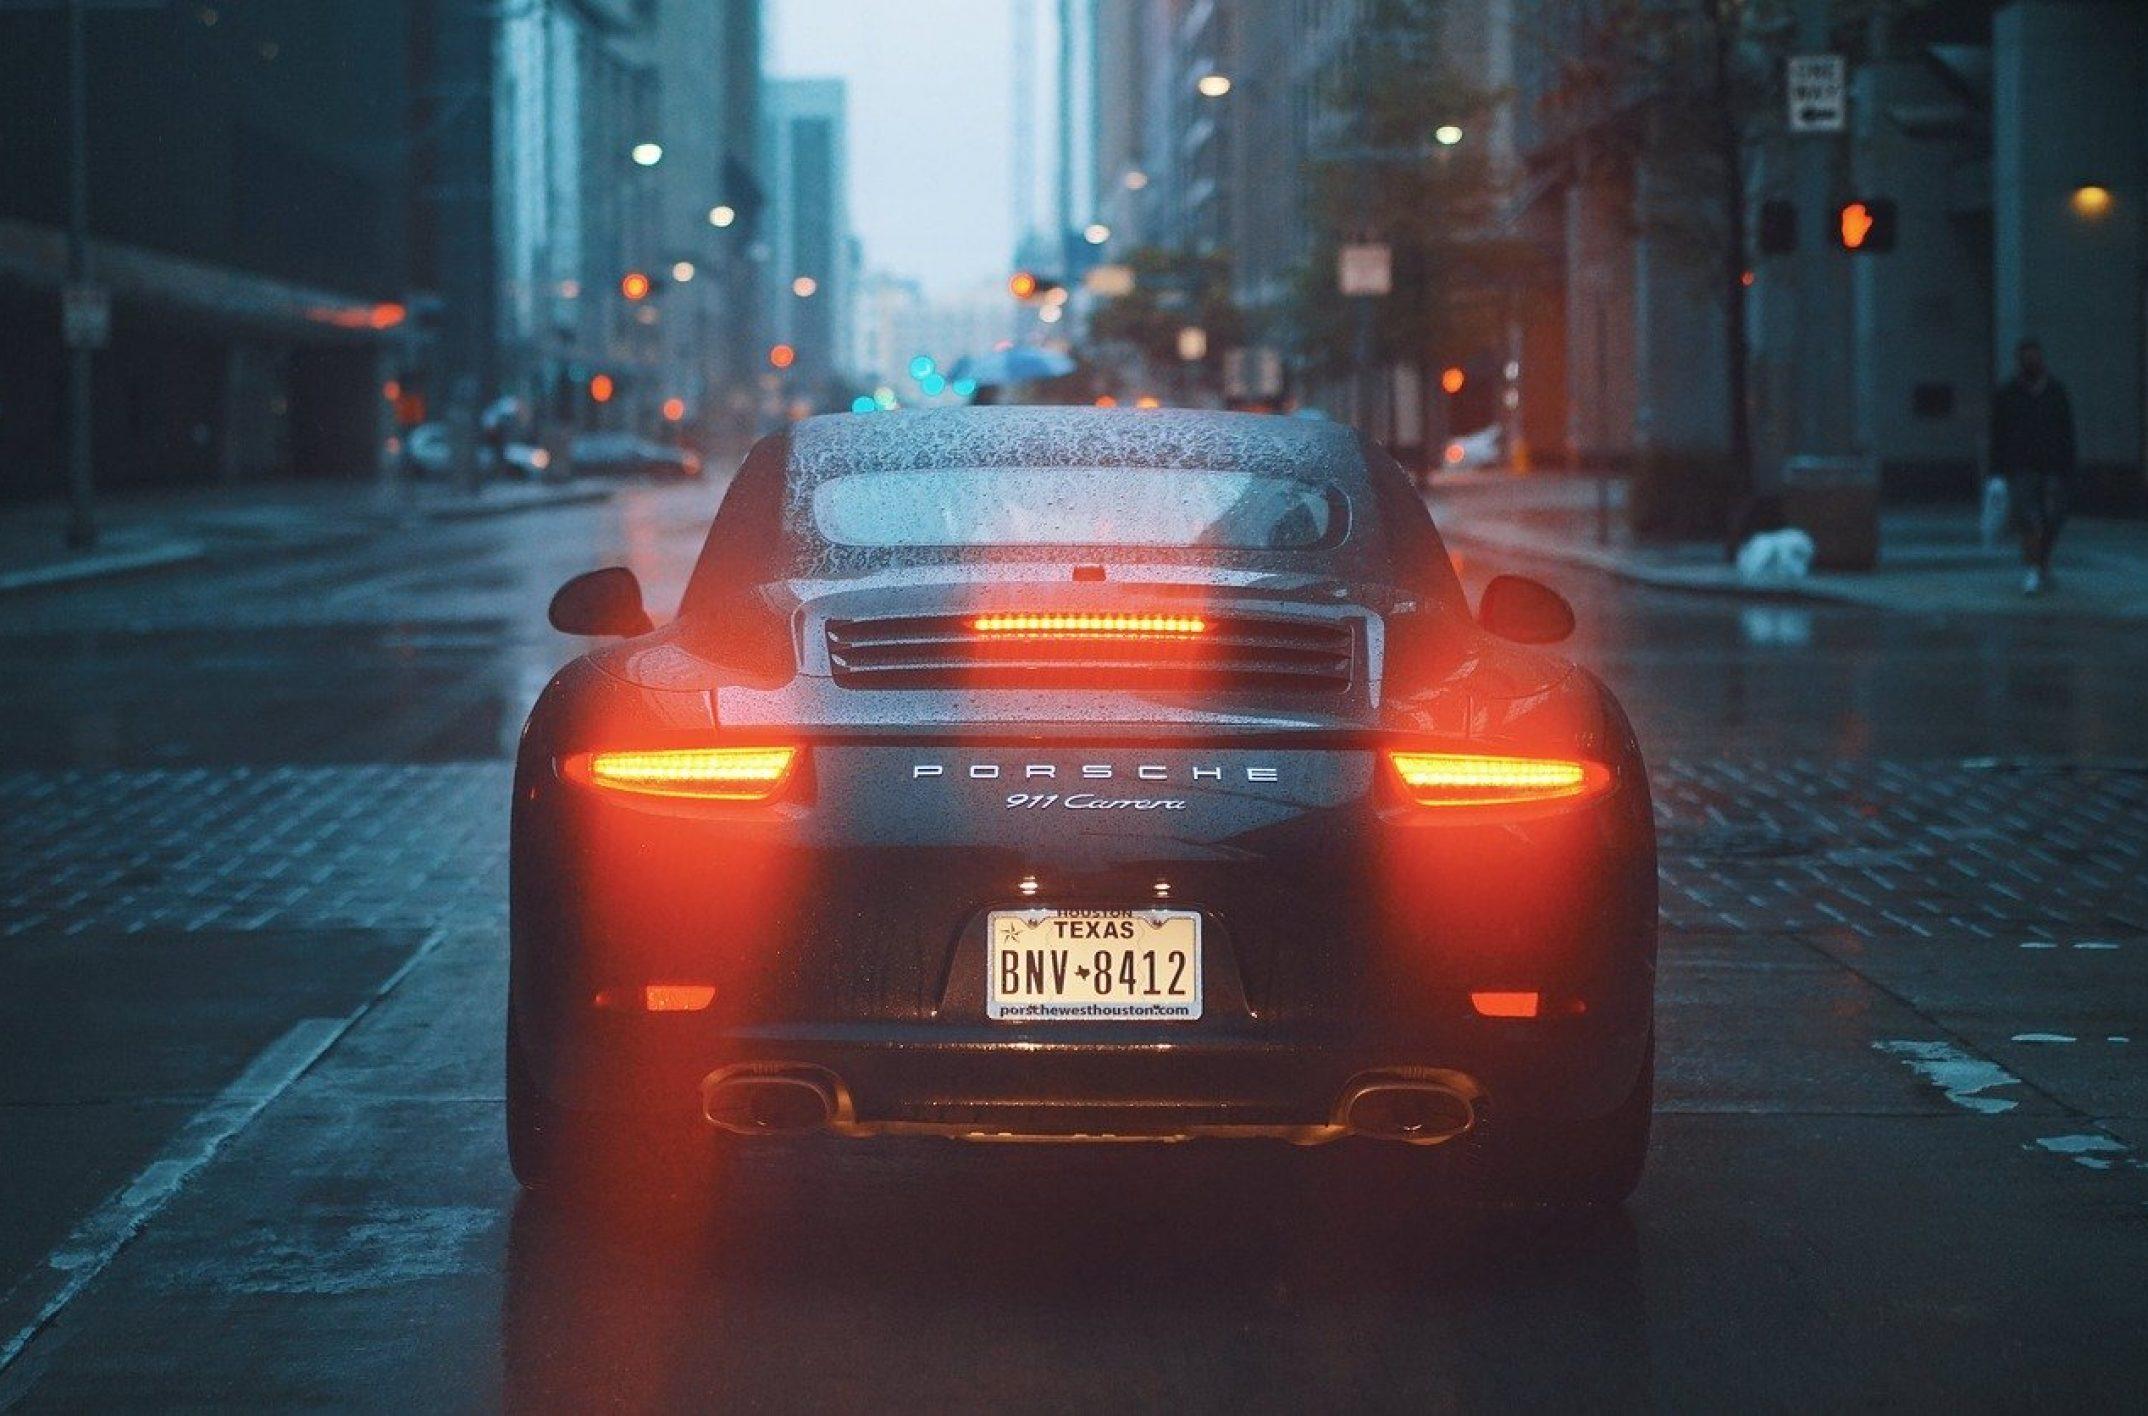 Comment souscrire à une assurance auto temporaire jeune conducteur en ligne ?